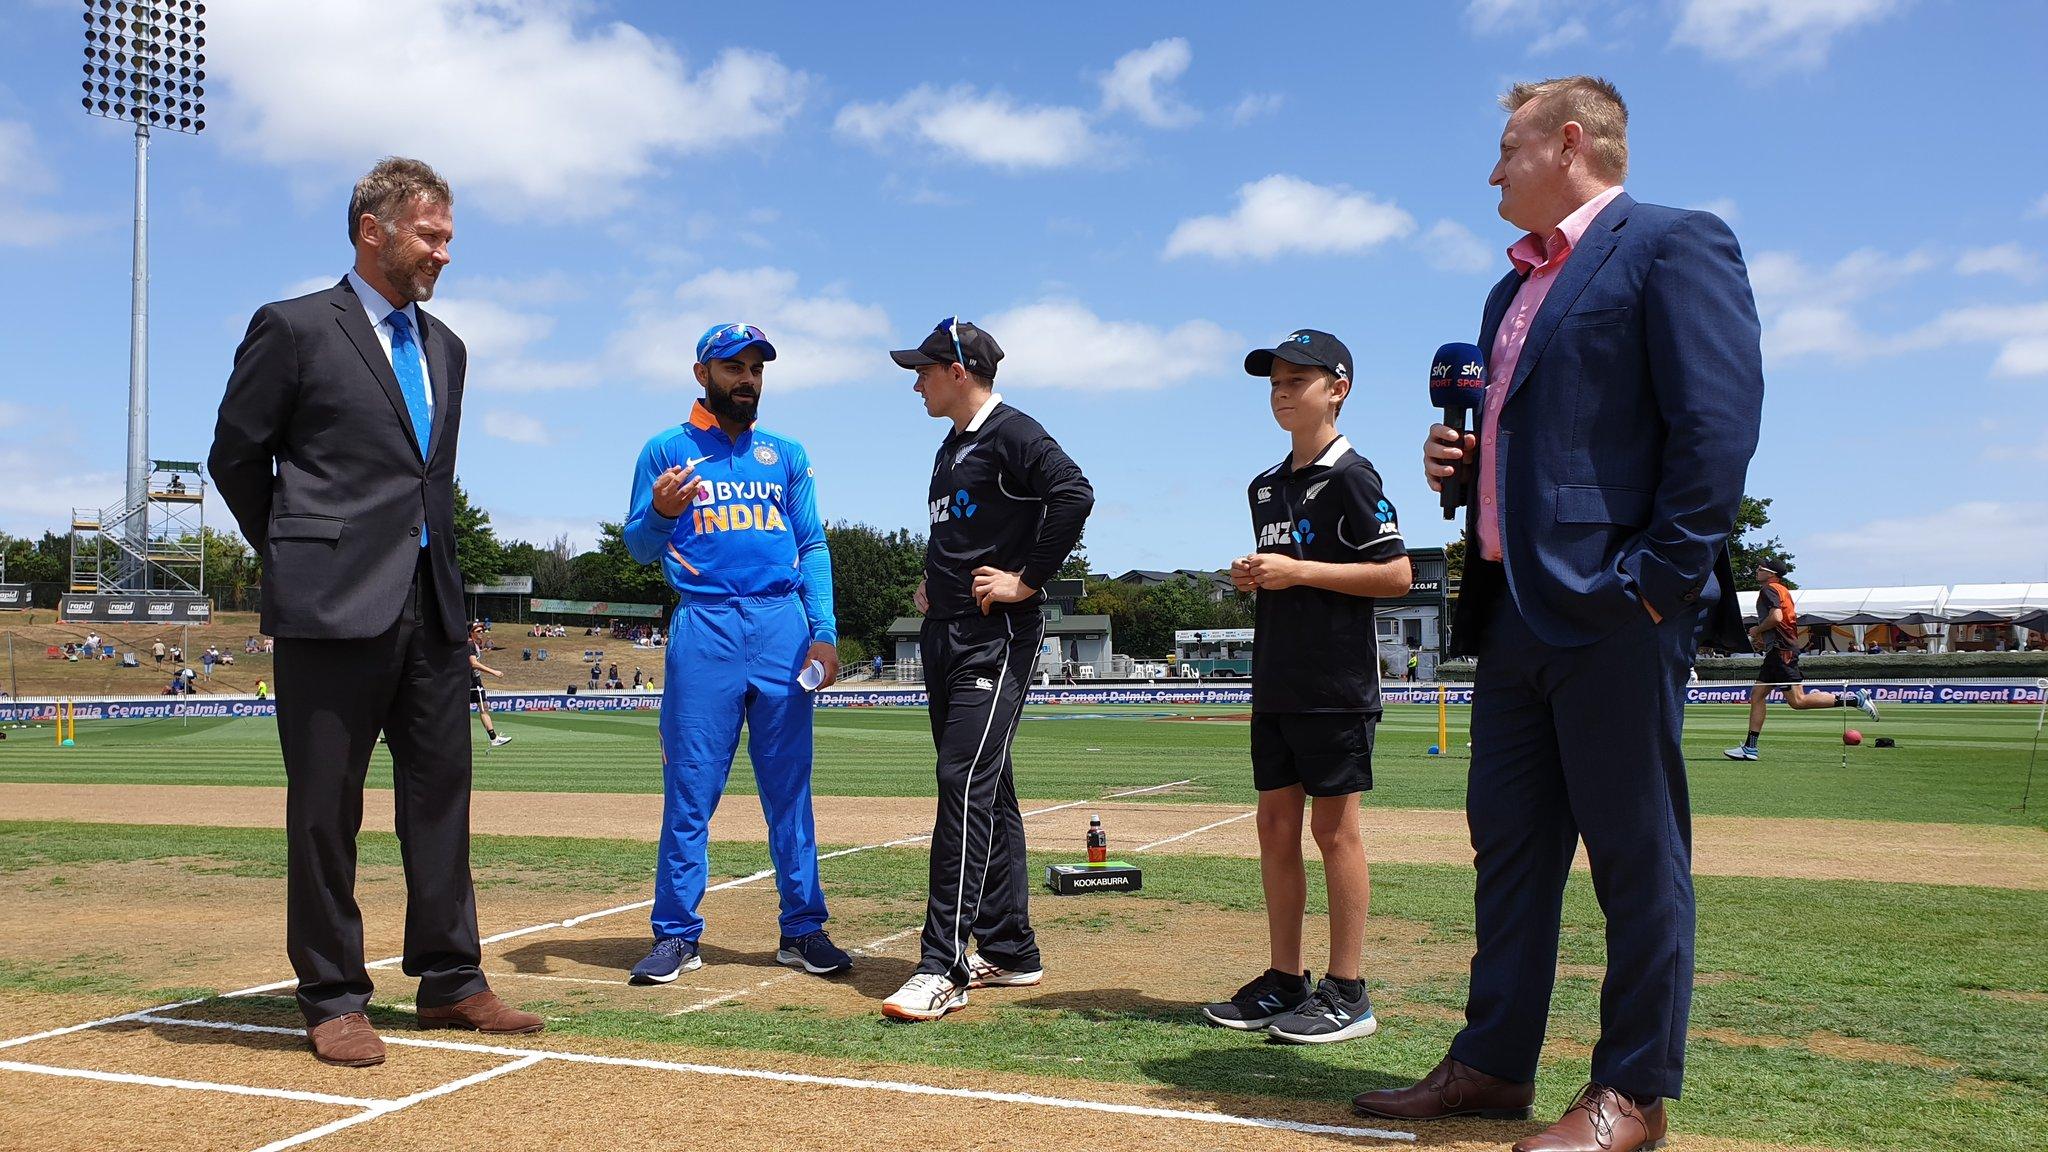 NZ vs IND, 2nd ODI: भारत ने टॉस जीता किया गेंदबाजी का फैसला, टीम में हुए यह दो बड़े बदलाव 12